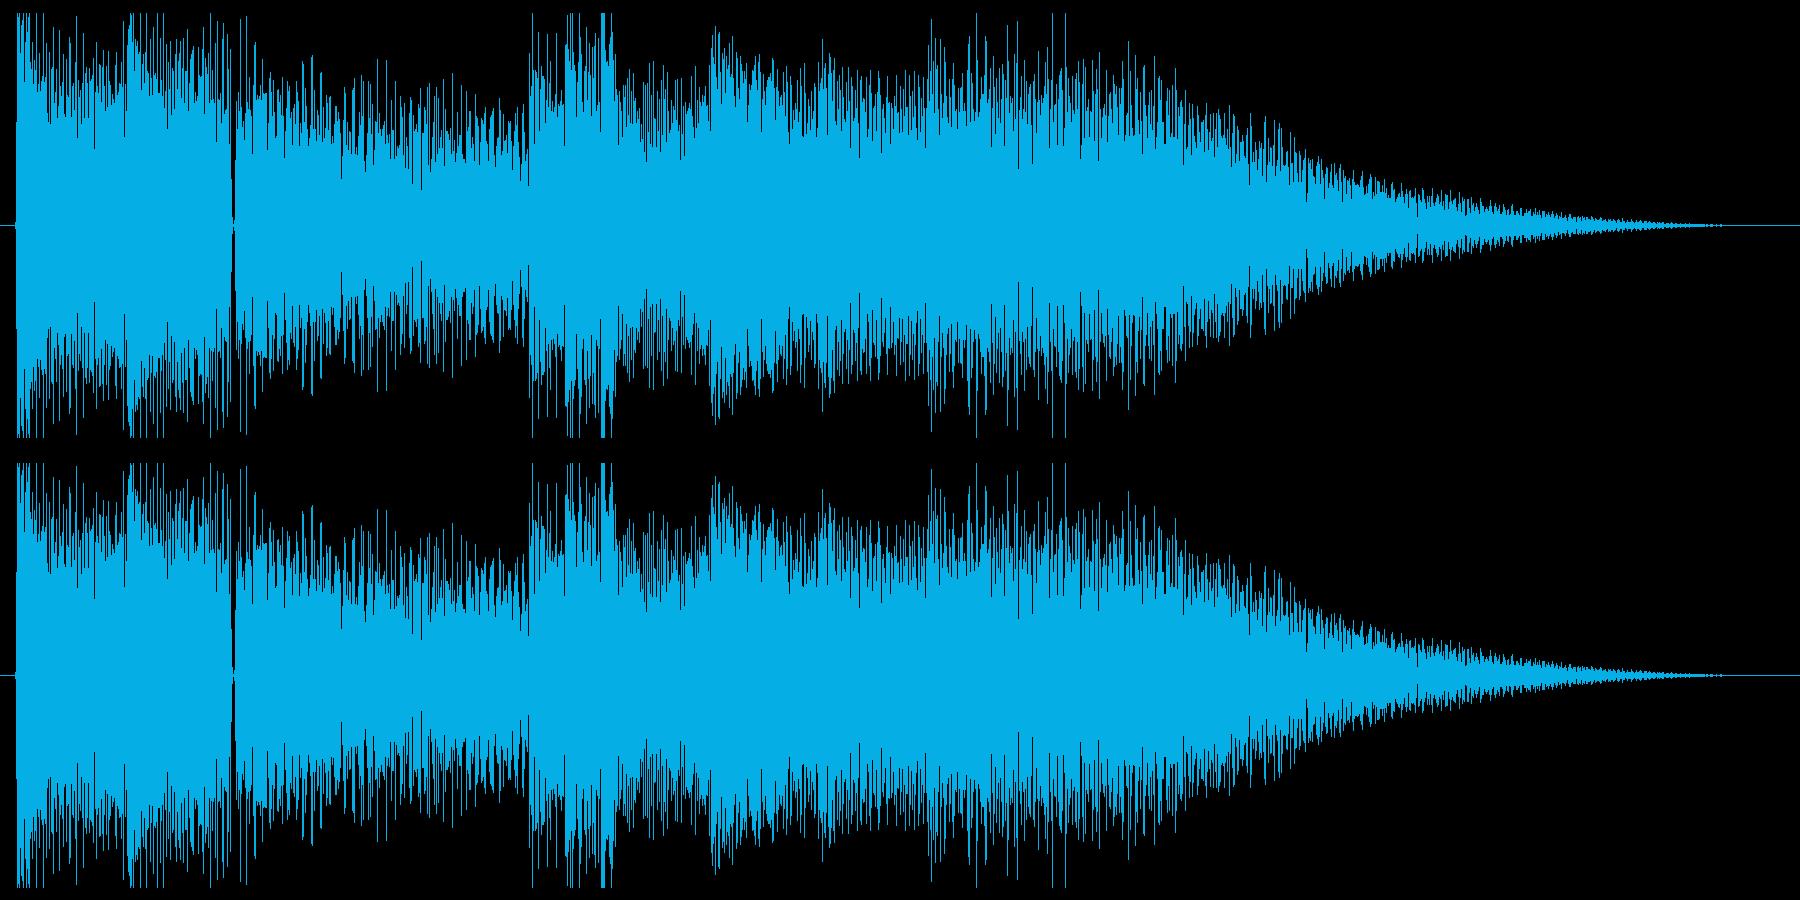 始まりを感じさせるエレピのジングルの再生済みの波形